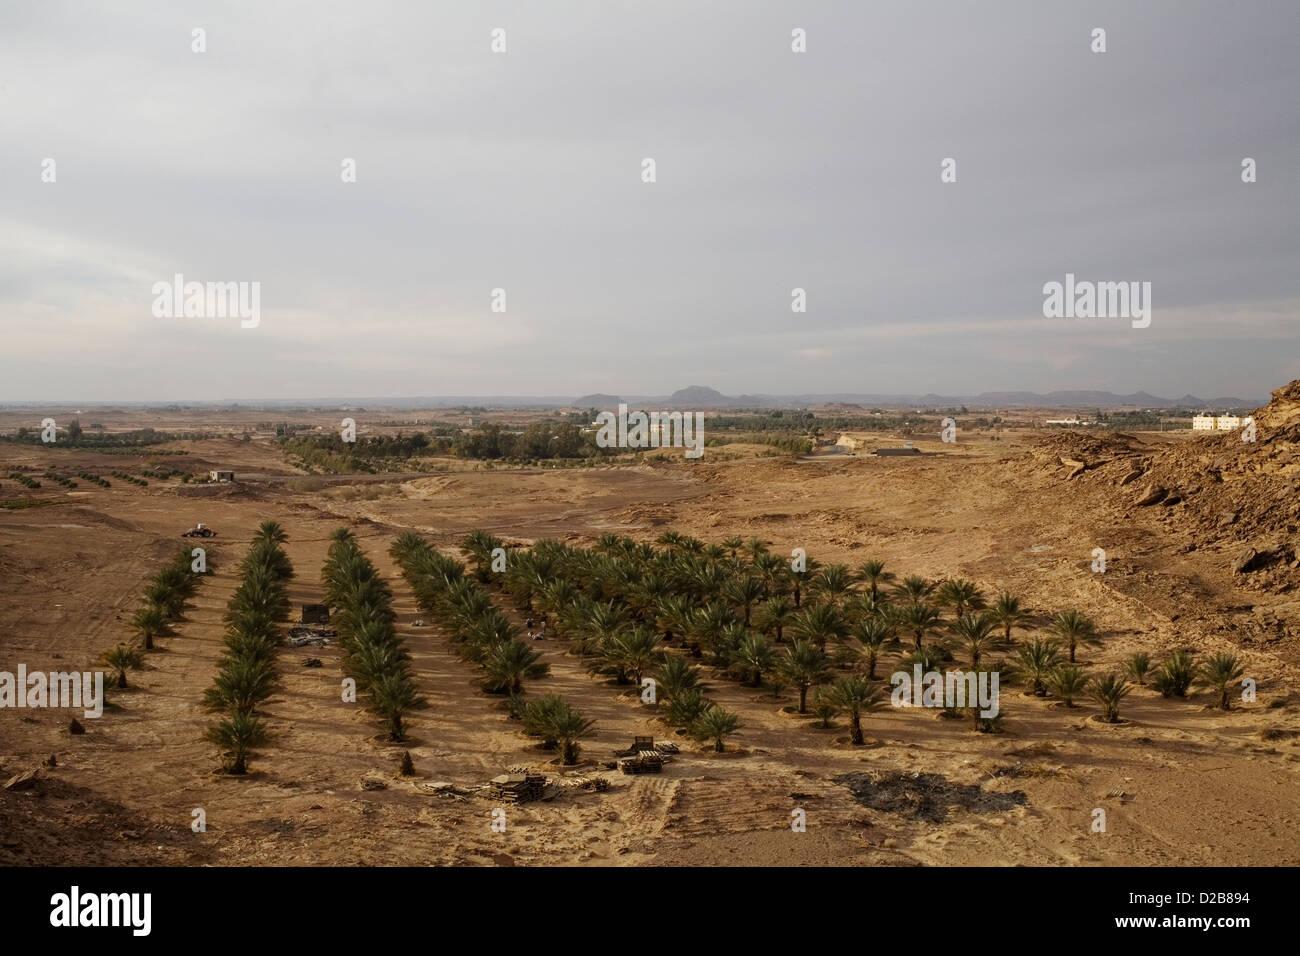 - a date orchard close to sakaka in northern saudi arabia D2B894 - LeerГЎs miles de opiniones en pГВЎginas web Con El Fin De follar en Internet, aunque pocas son reales como las mГas